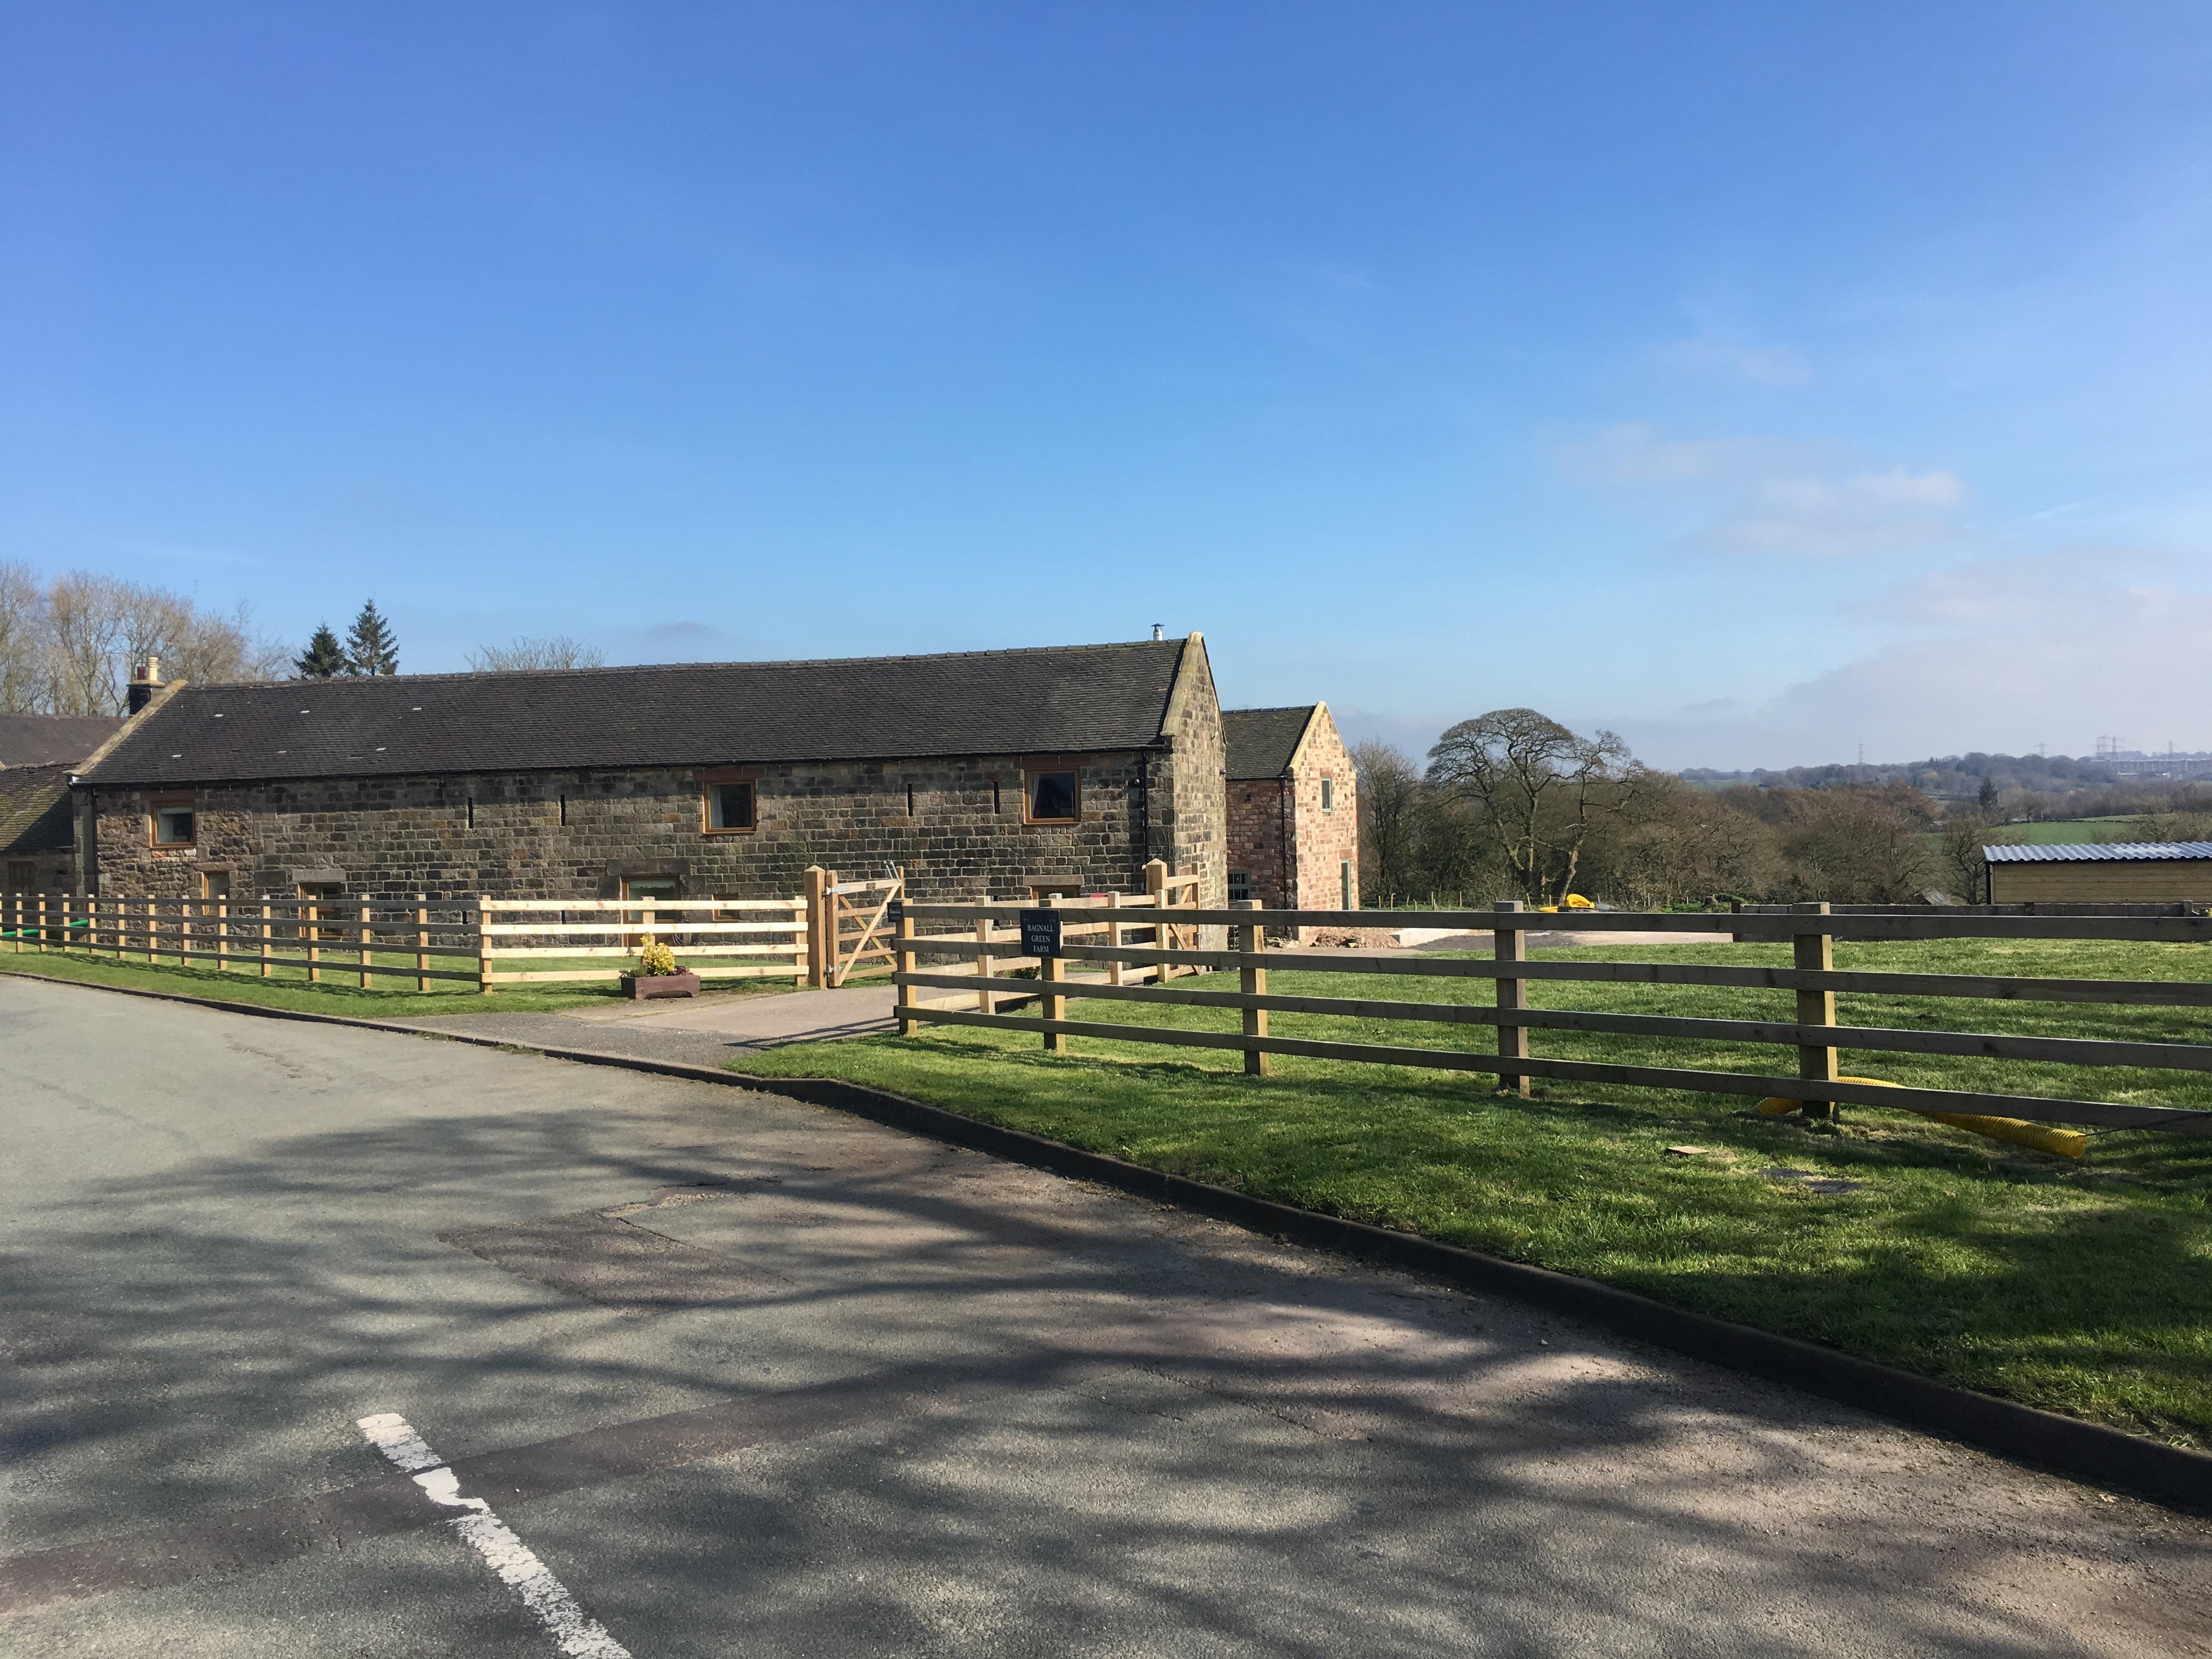 Bagnall Green Farm